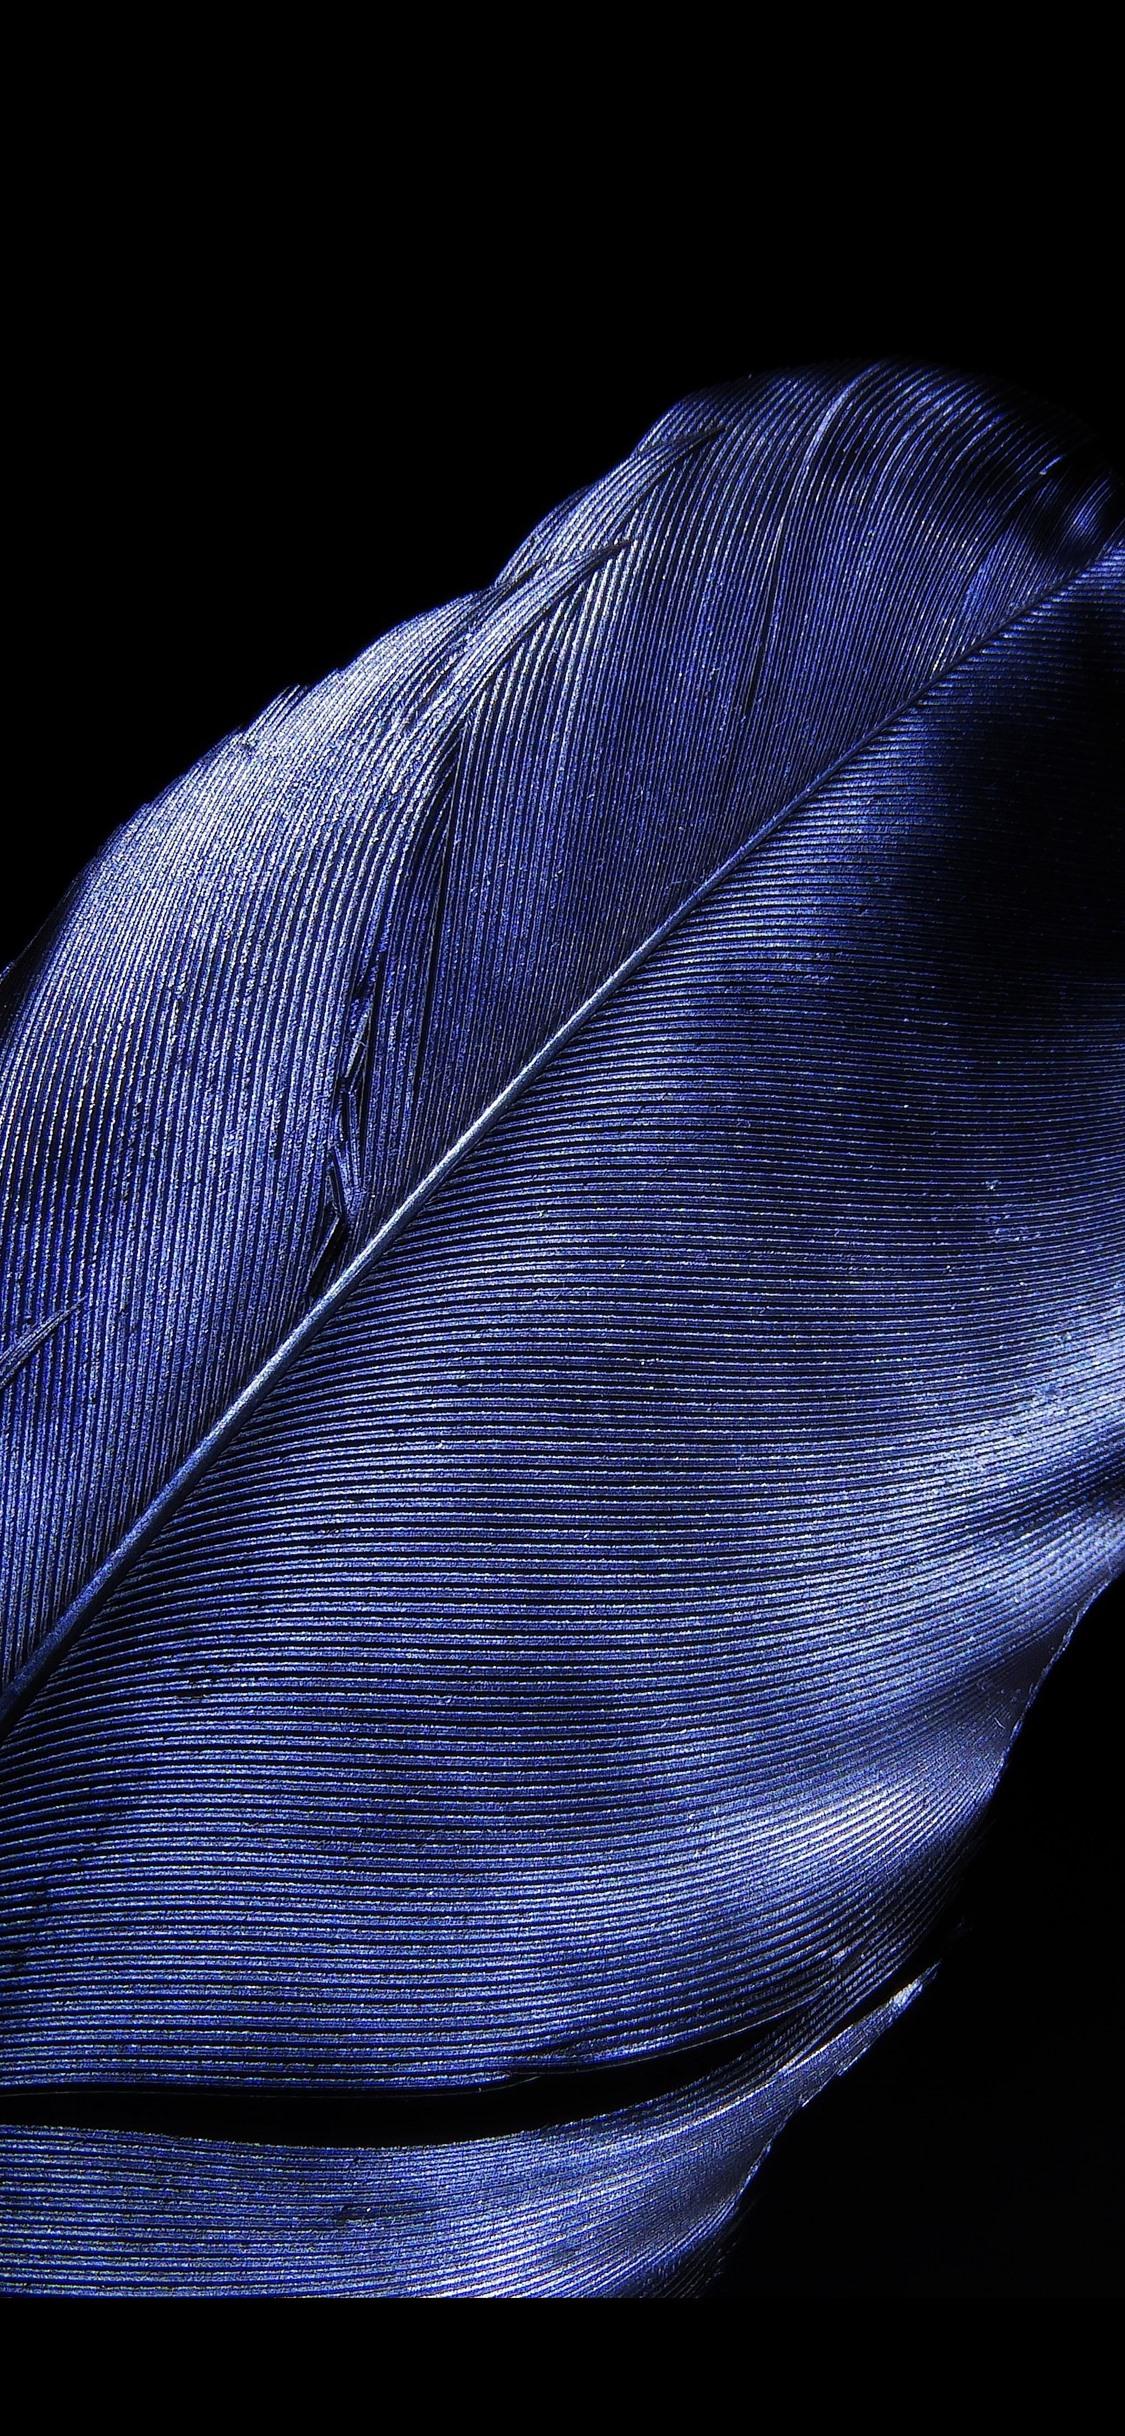 壁纸 蓝色羽毛特写镜头,黑背景 5120x2880 UHD 5K 高清壁纸, 图片, 照片